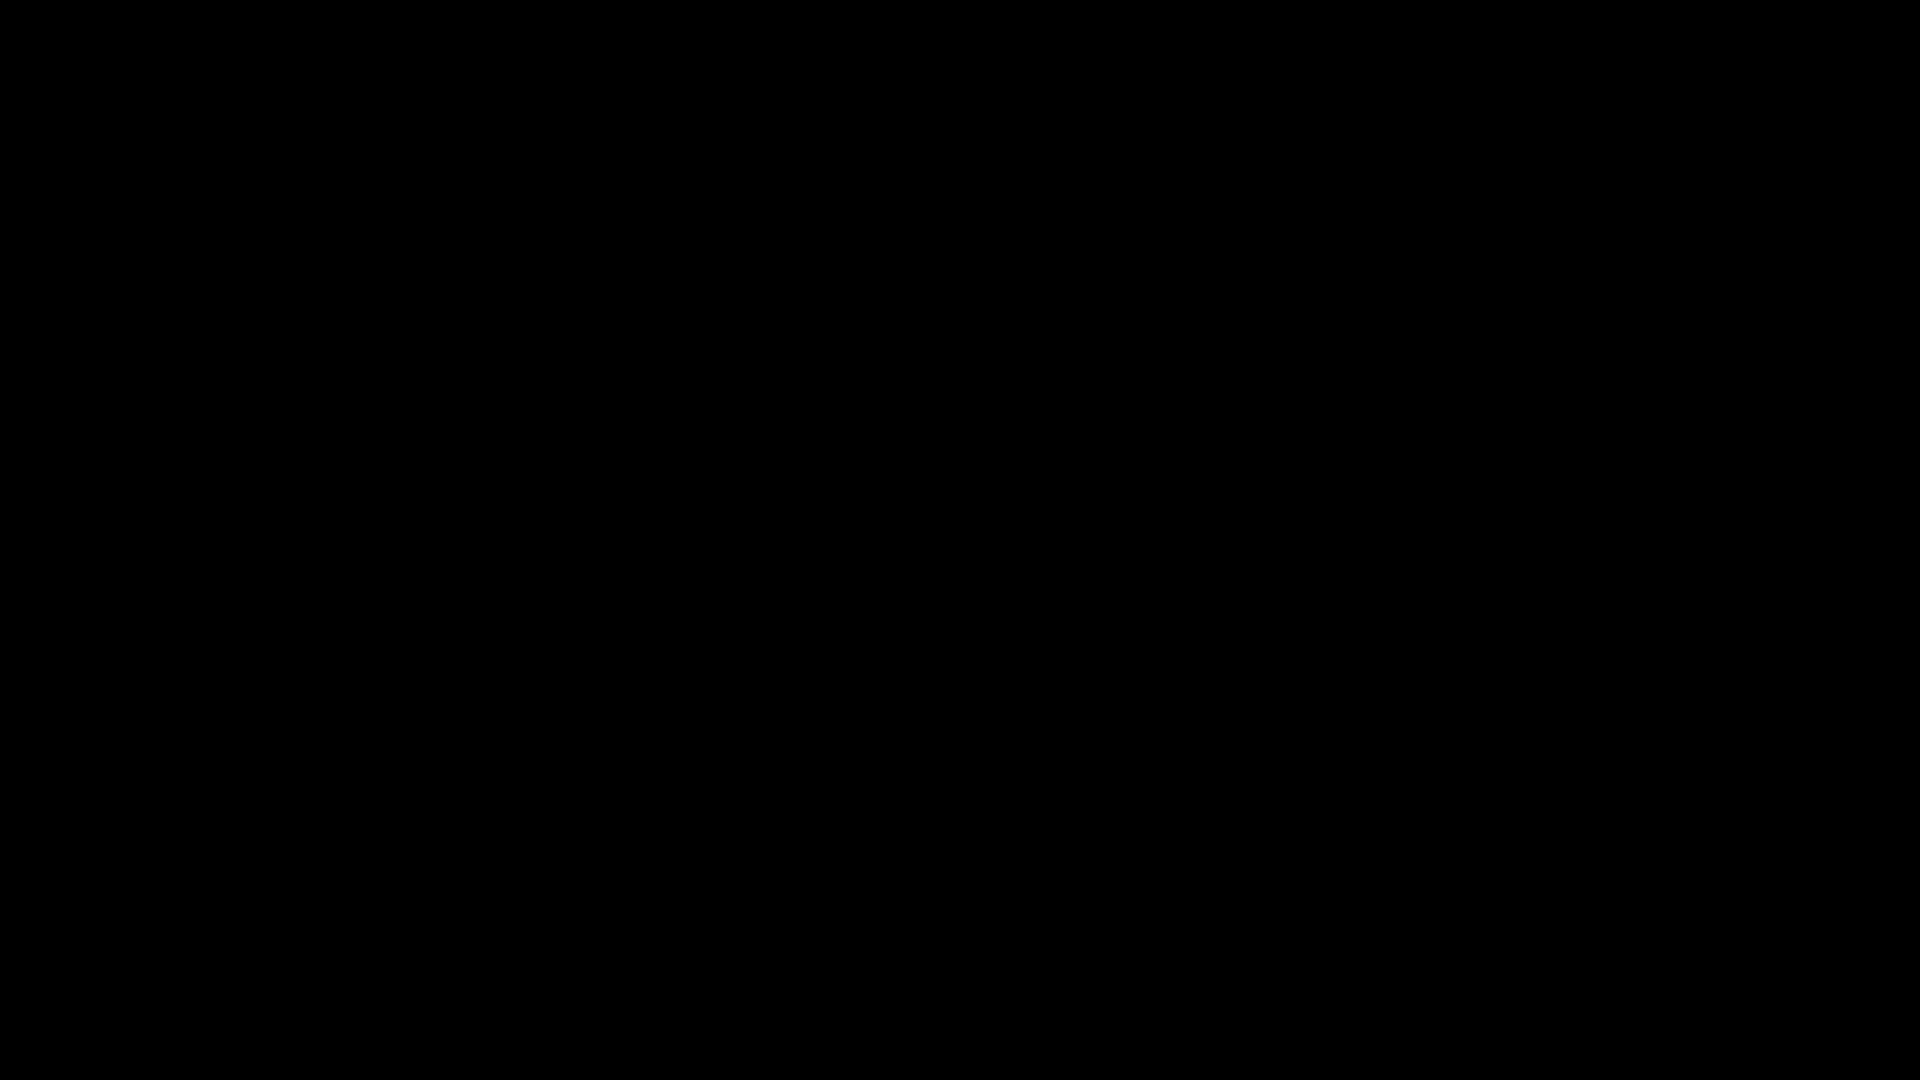 dayz, dayzlol, DayZ Colours GIFs